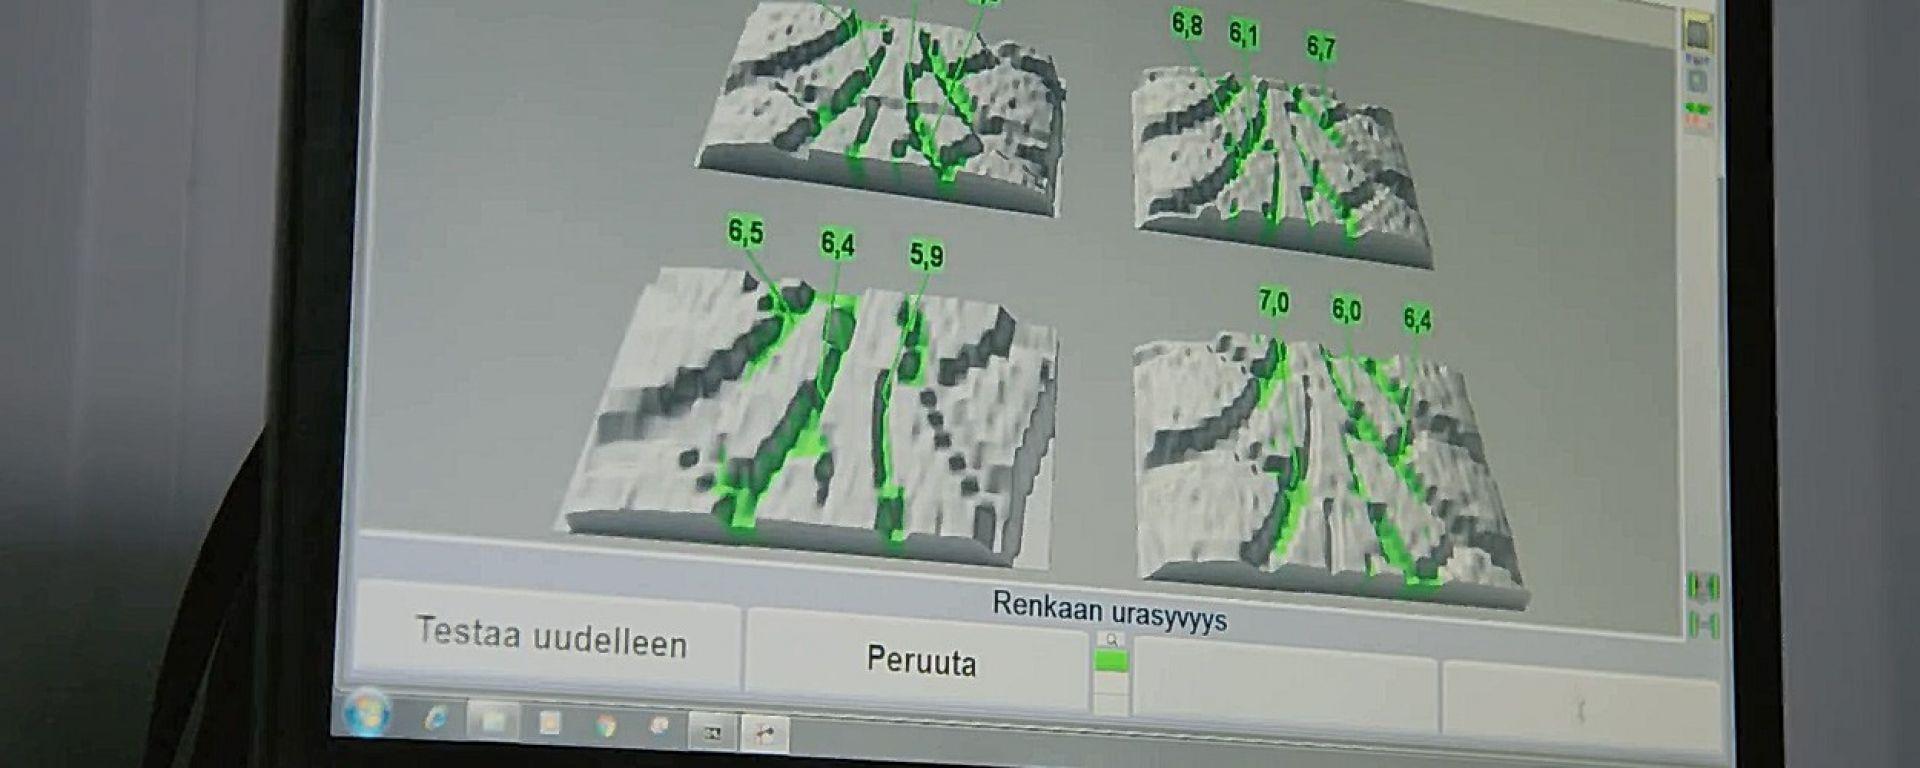 Nokian SnapSkan: ecco che cosa vede lo scanner 3D per i battistrada